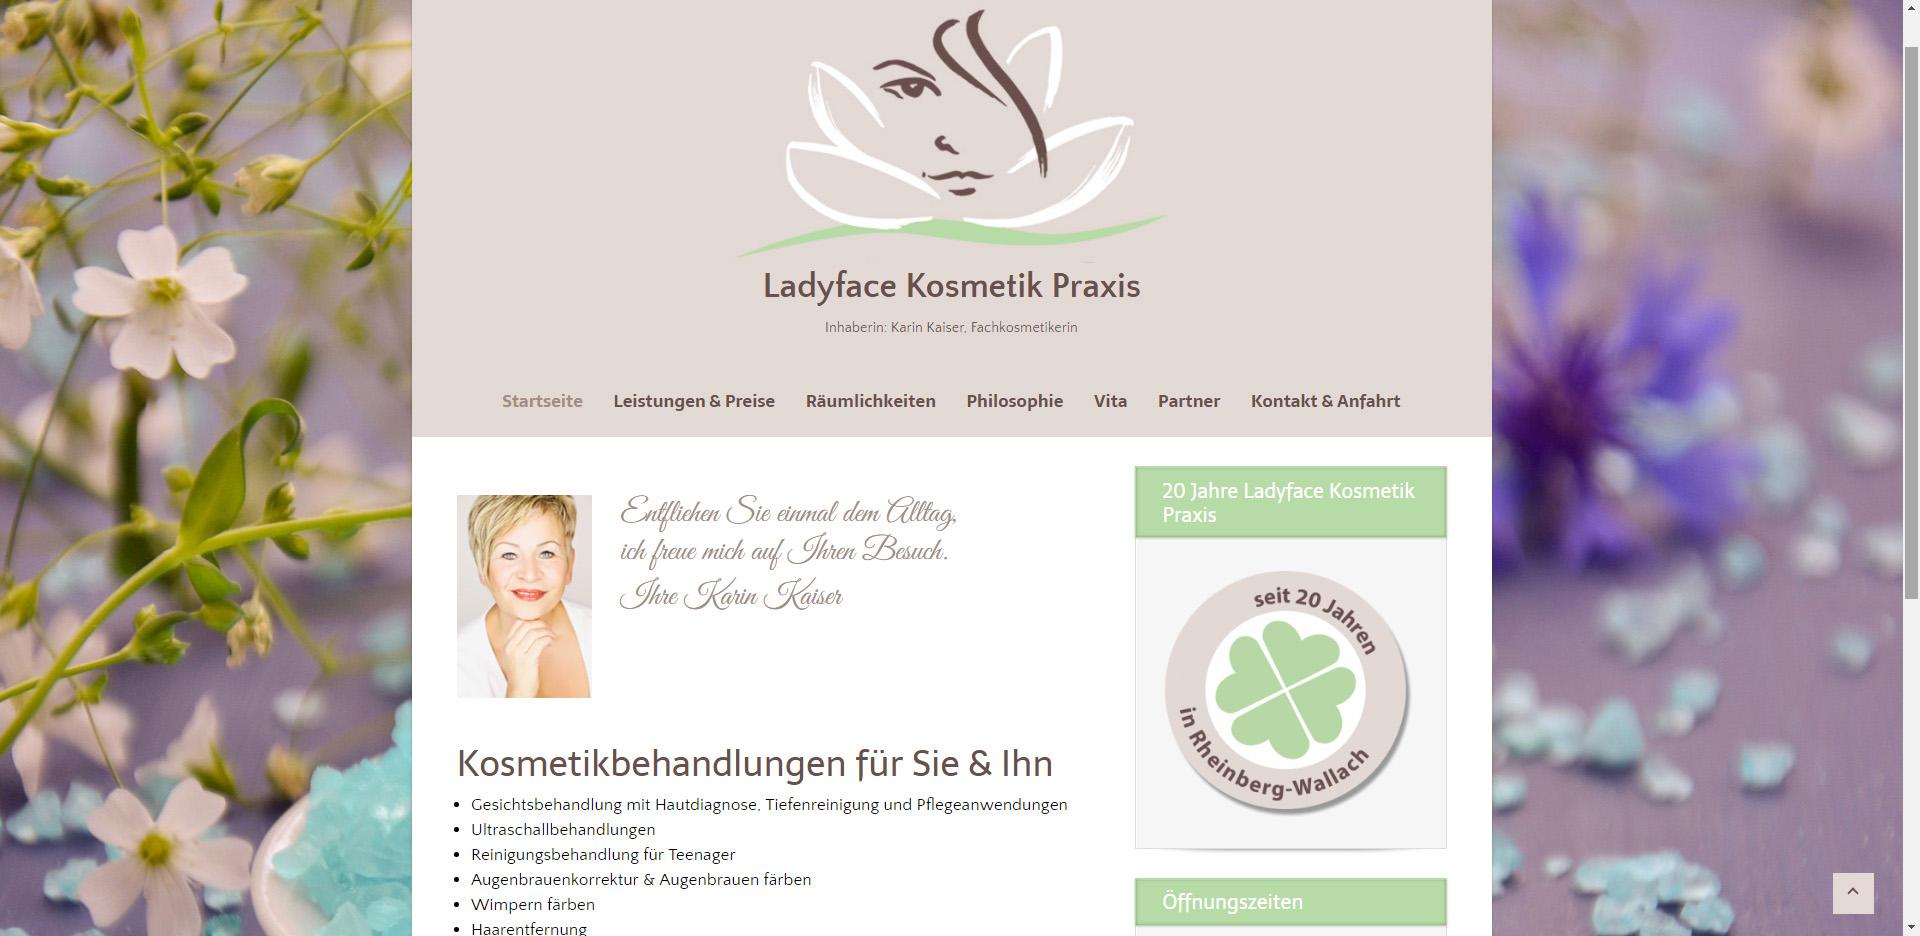 Internetseite für Ladyface Kosmetik Praxis